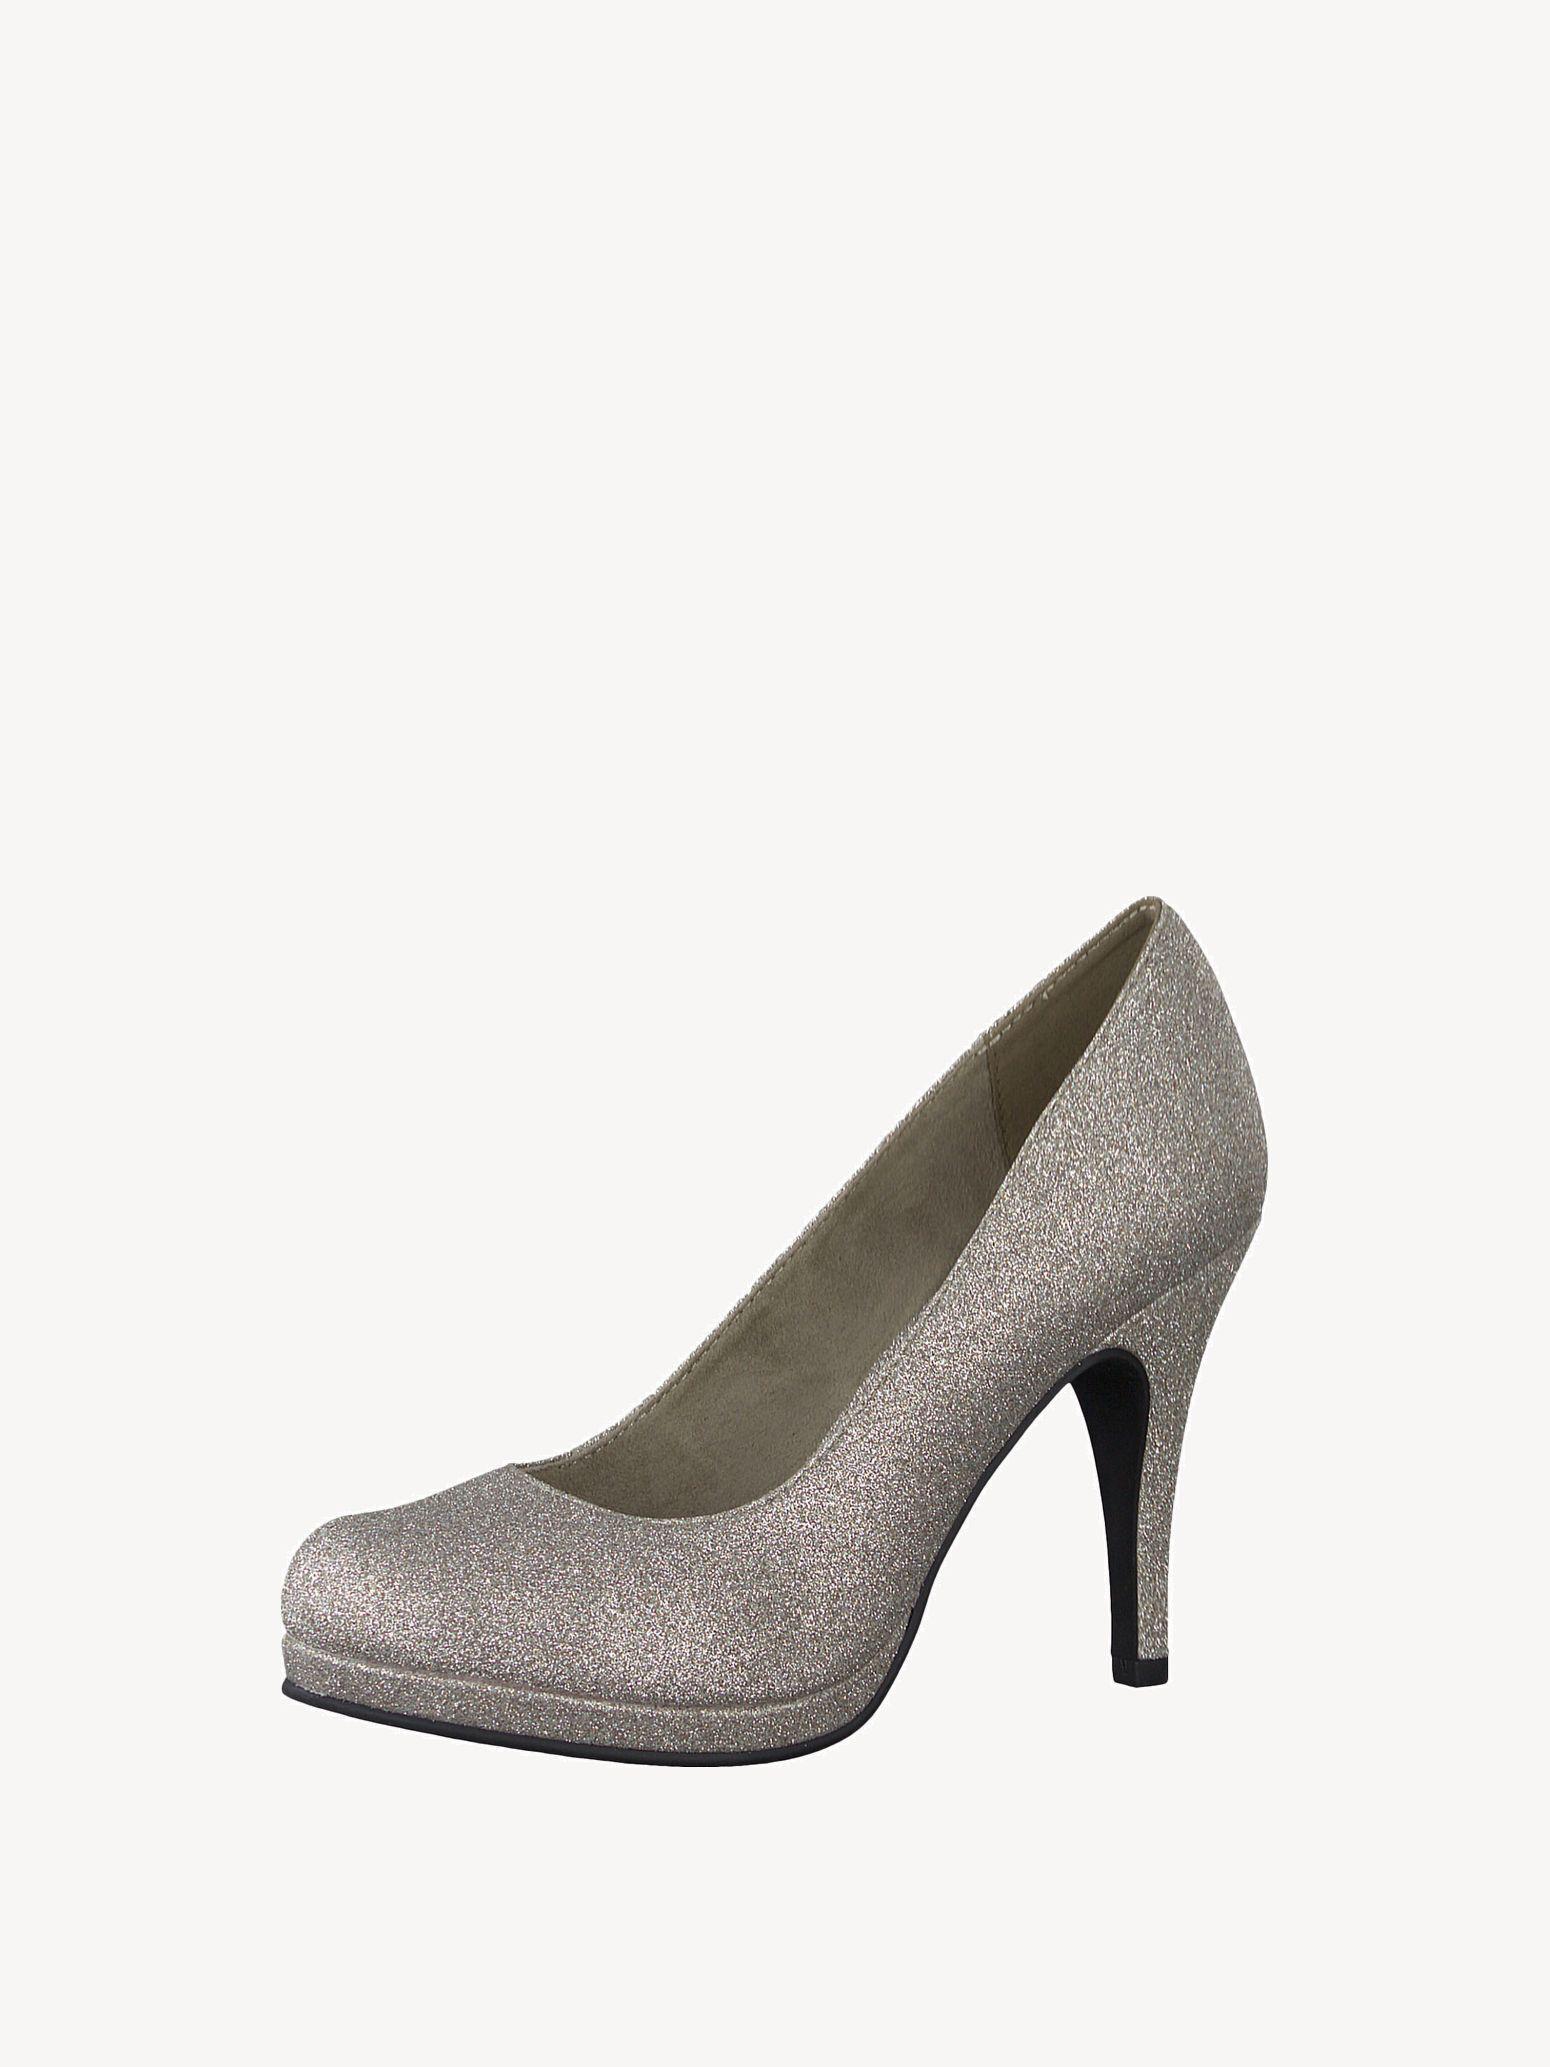 Tamaris Pumps Damenschuhe High Heels Schuhe Braun 38